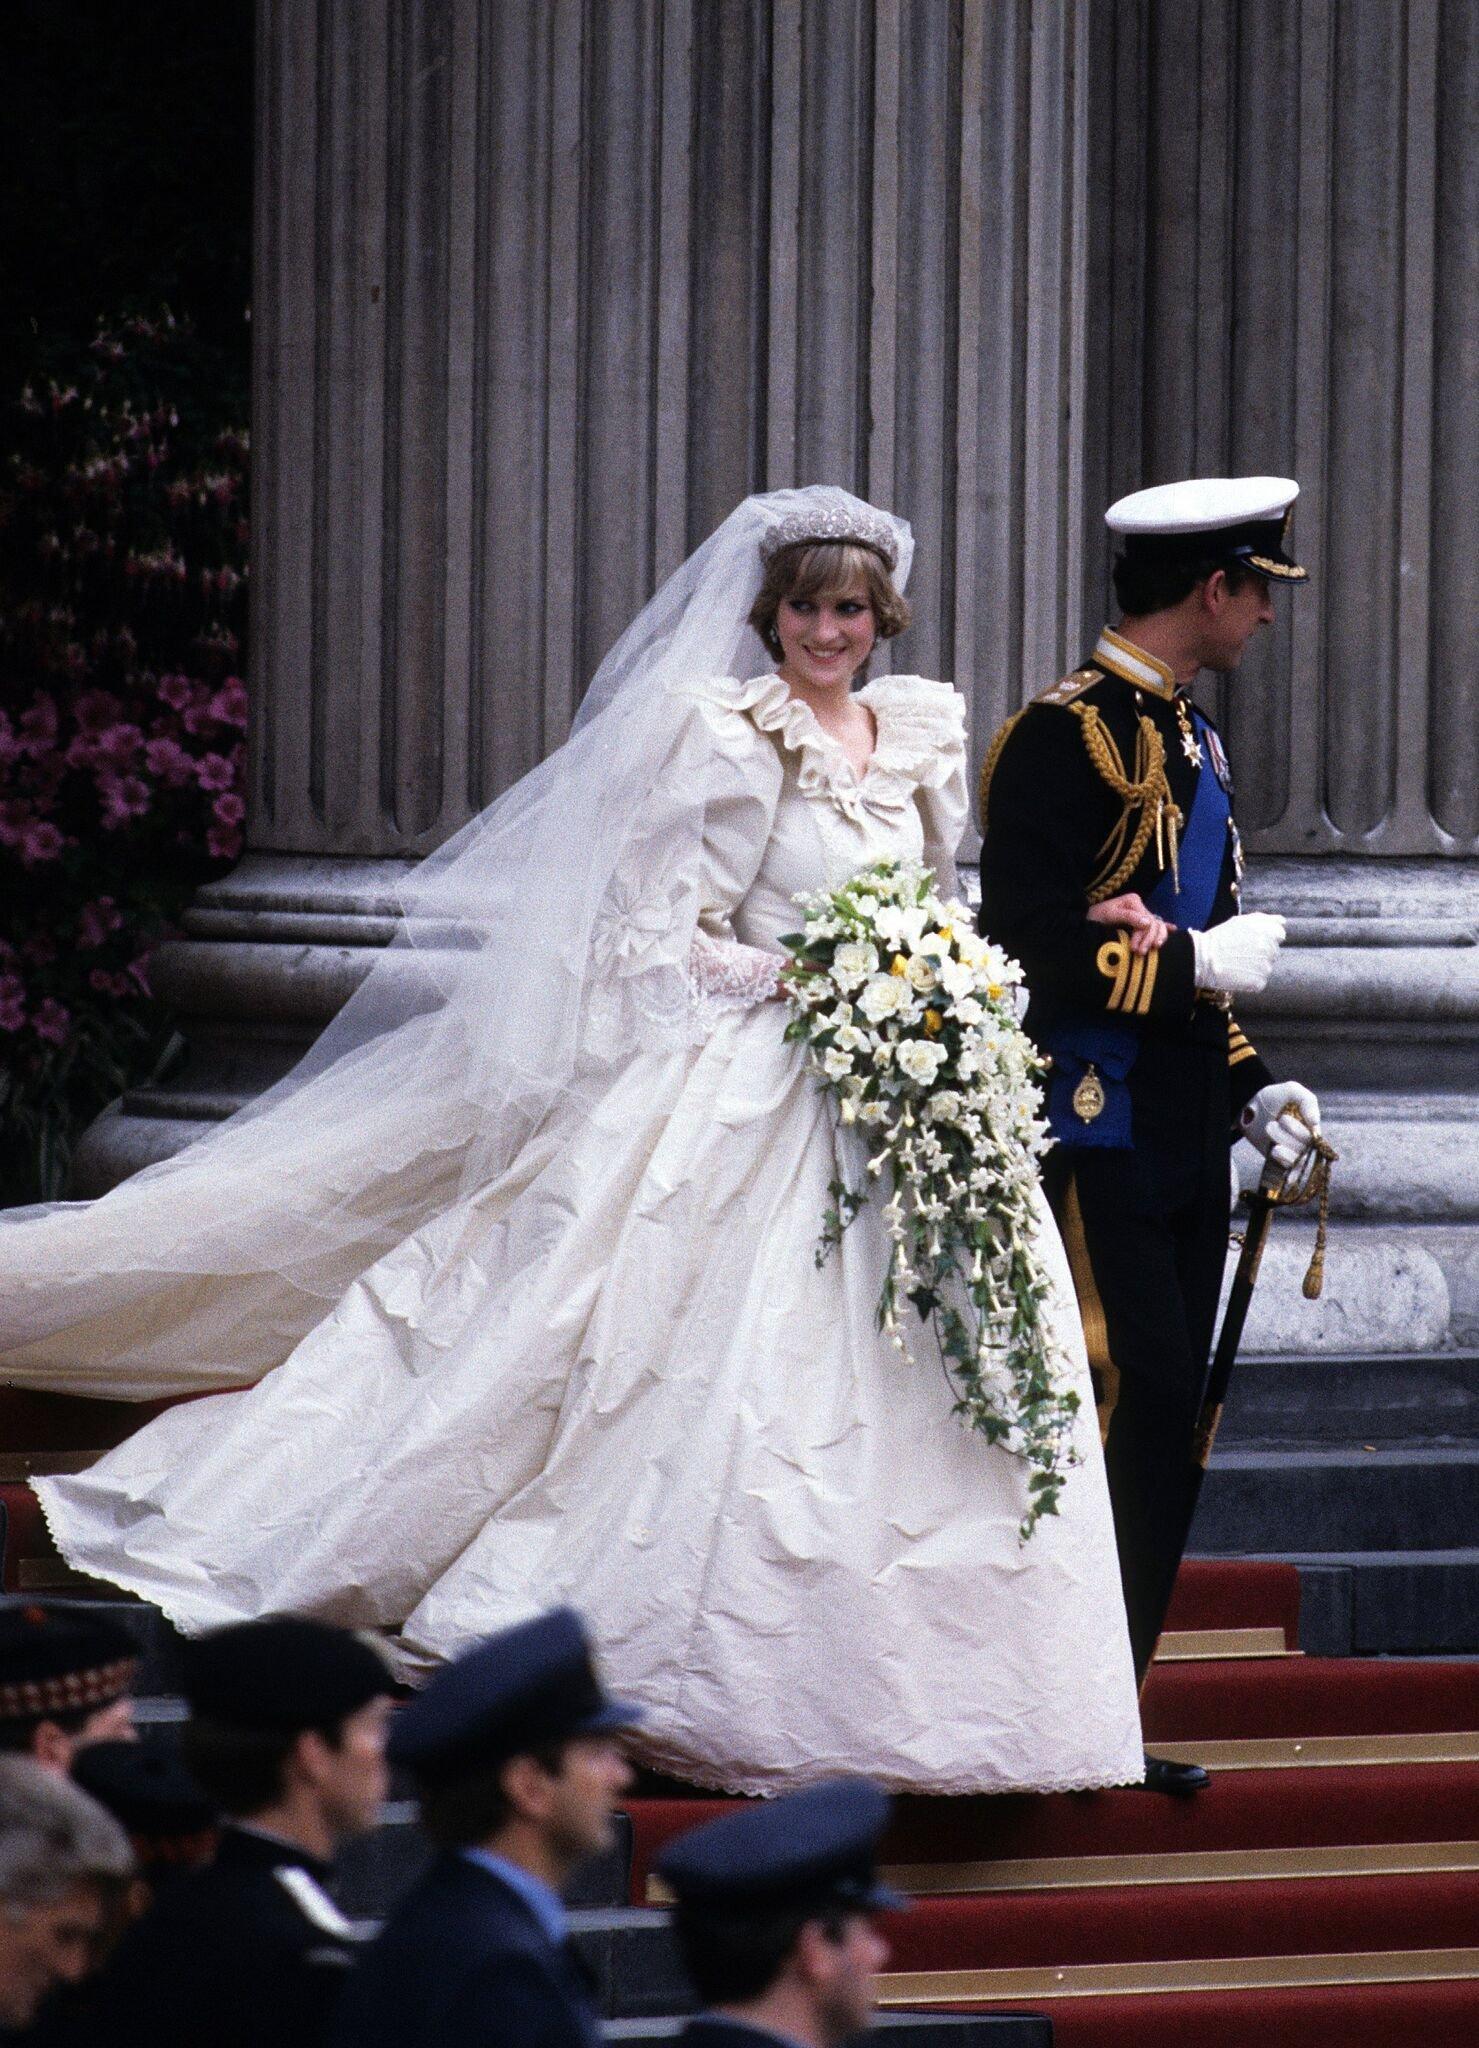 Princesse Diana et Charles, Prince de Galles, le jour de leur mariage   Photo : Getty Images/ Global Images Ukraine